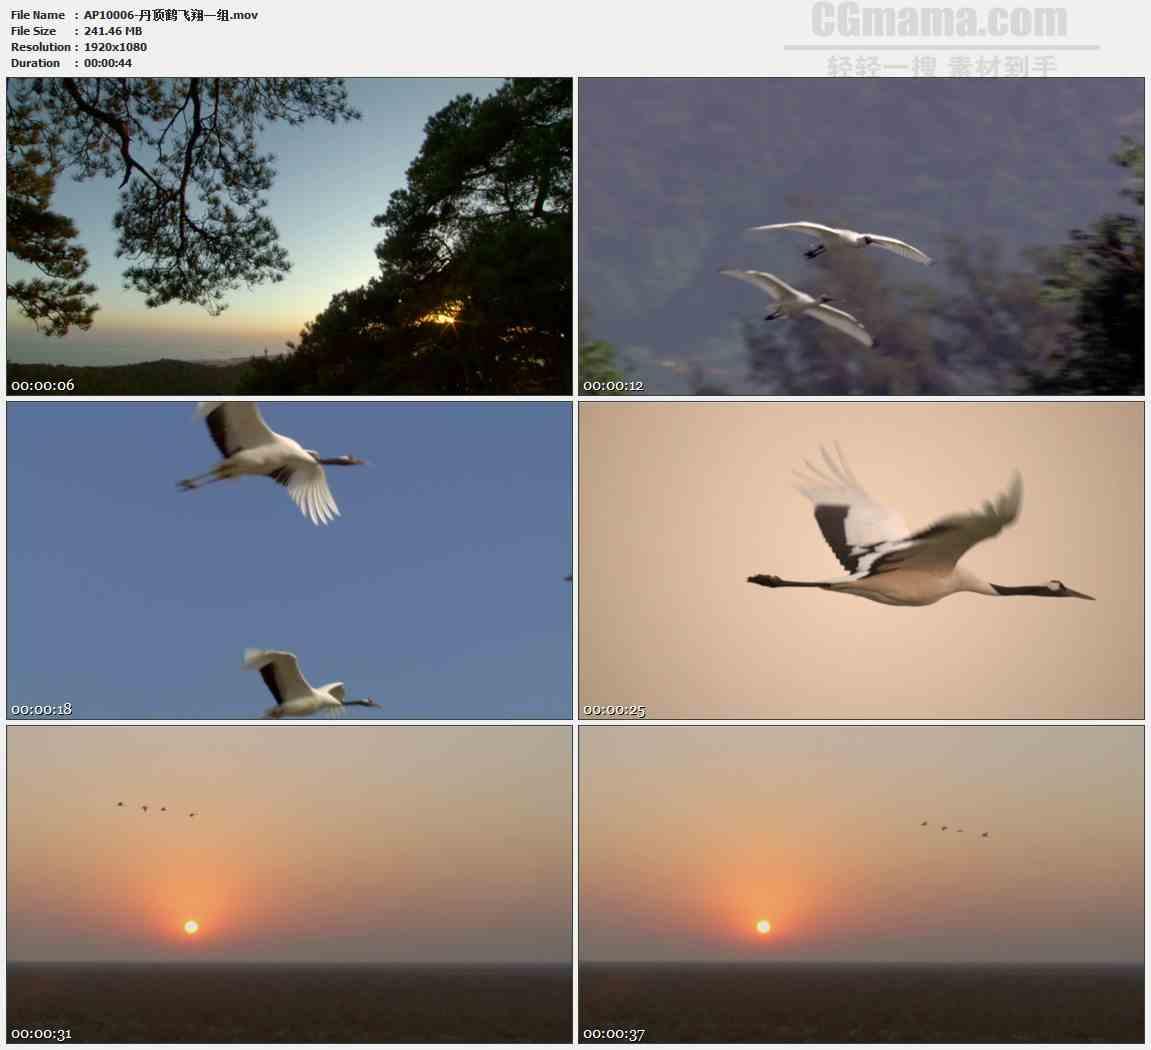 AP10006-森林仙鹤大雁飞舞飞翔高清实拍视频素材